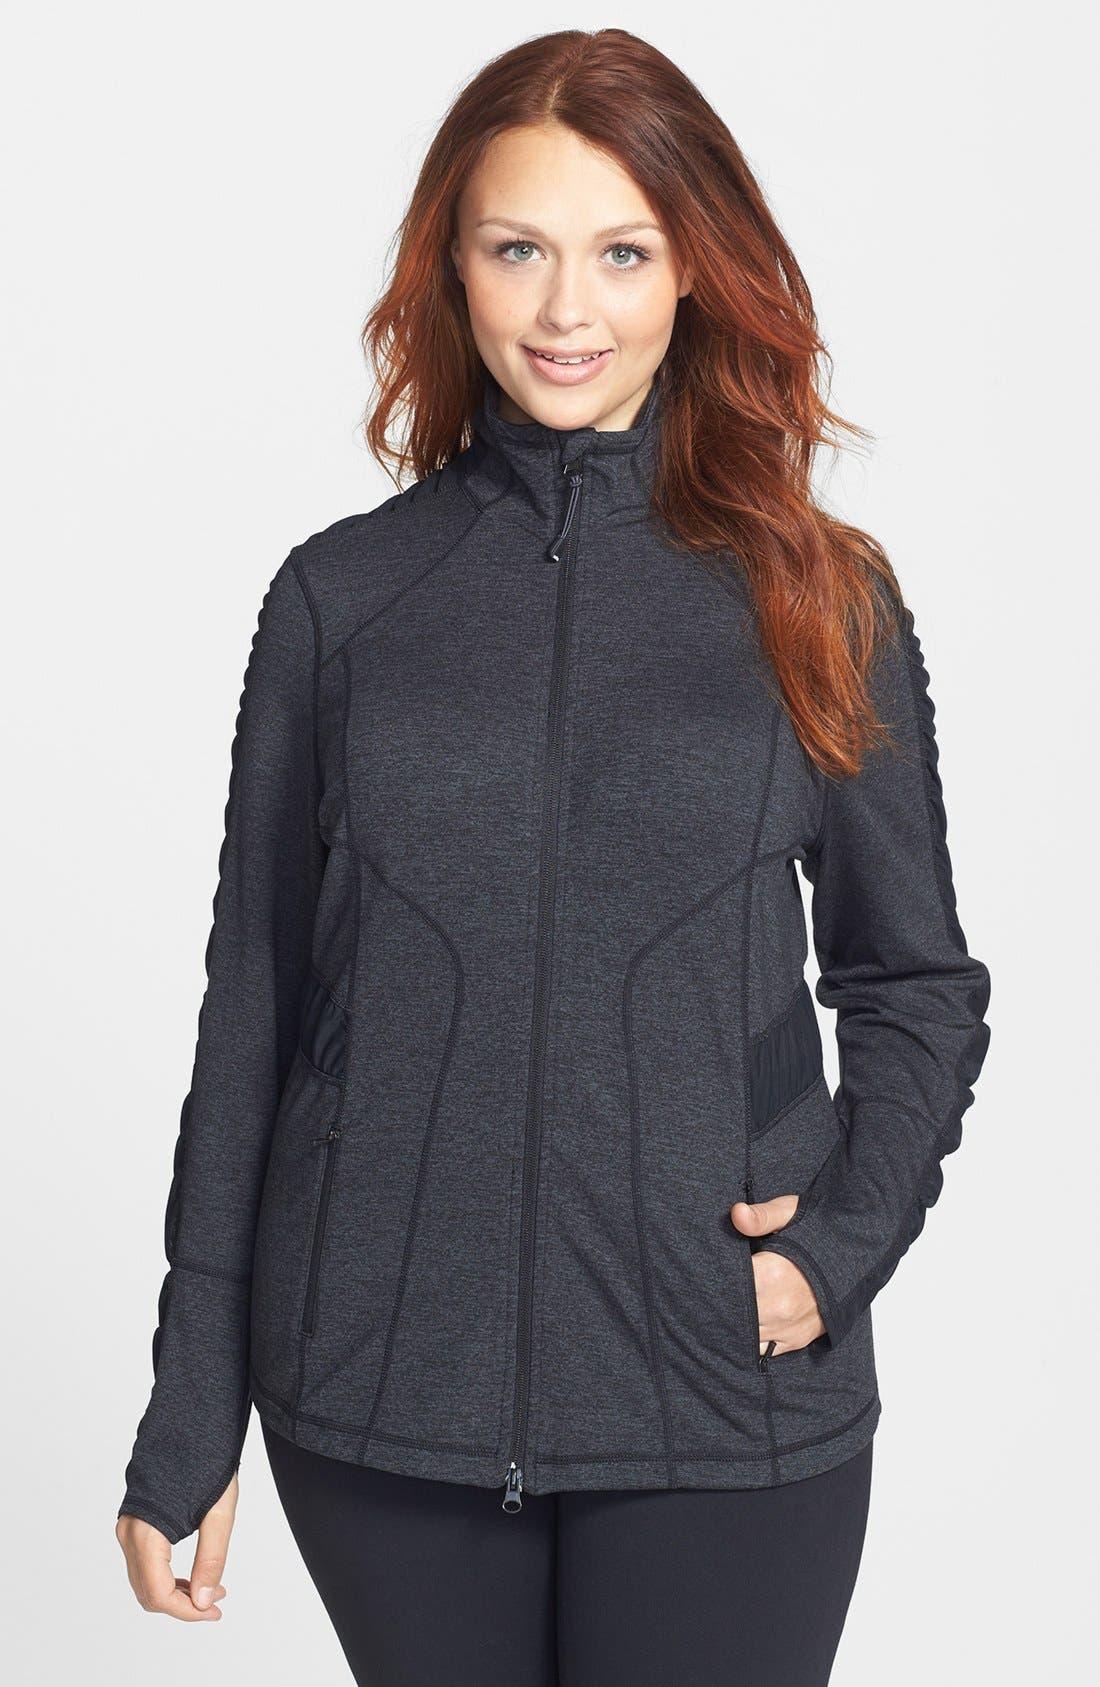 Main Image - Zella 'Prism' Cross Dye Jacket (Plus Size)